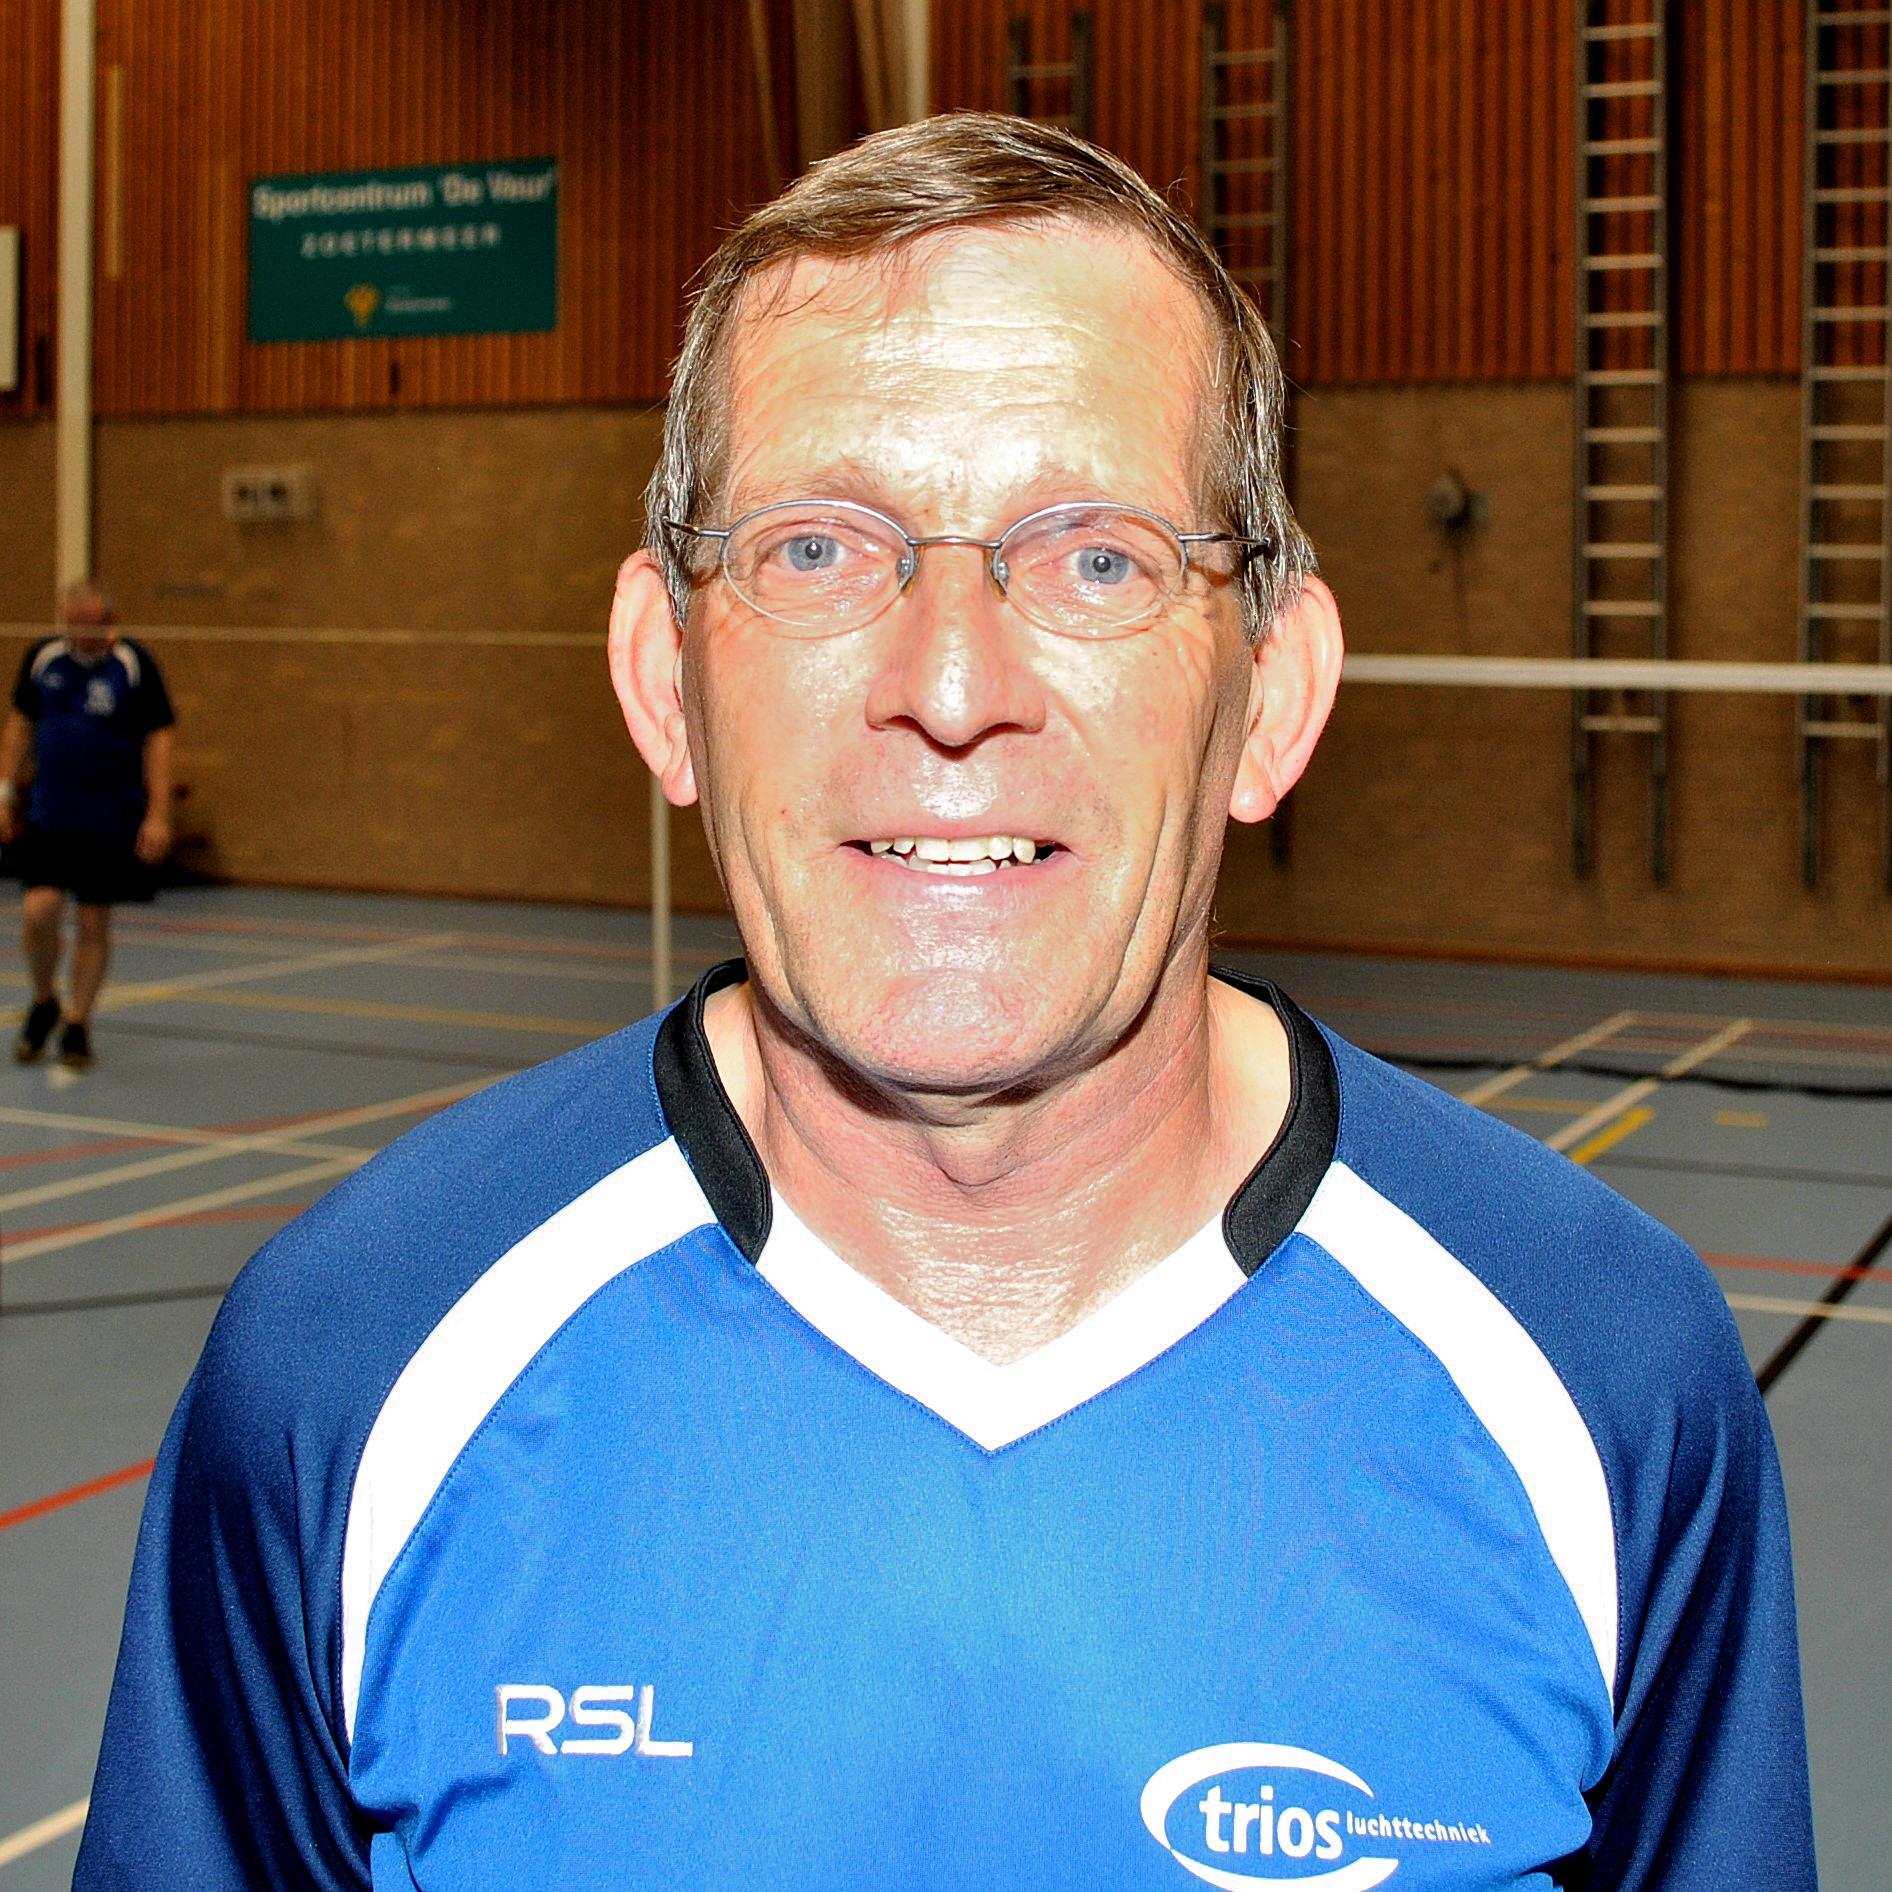 Peter van der Lans